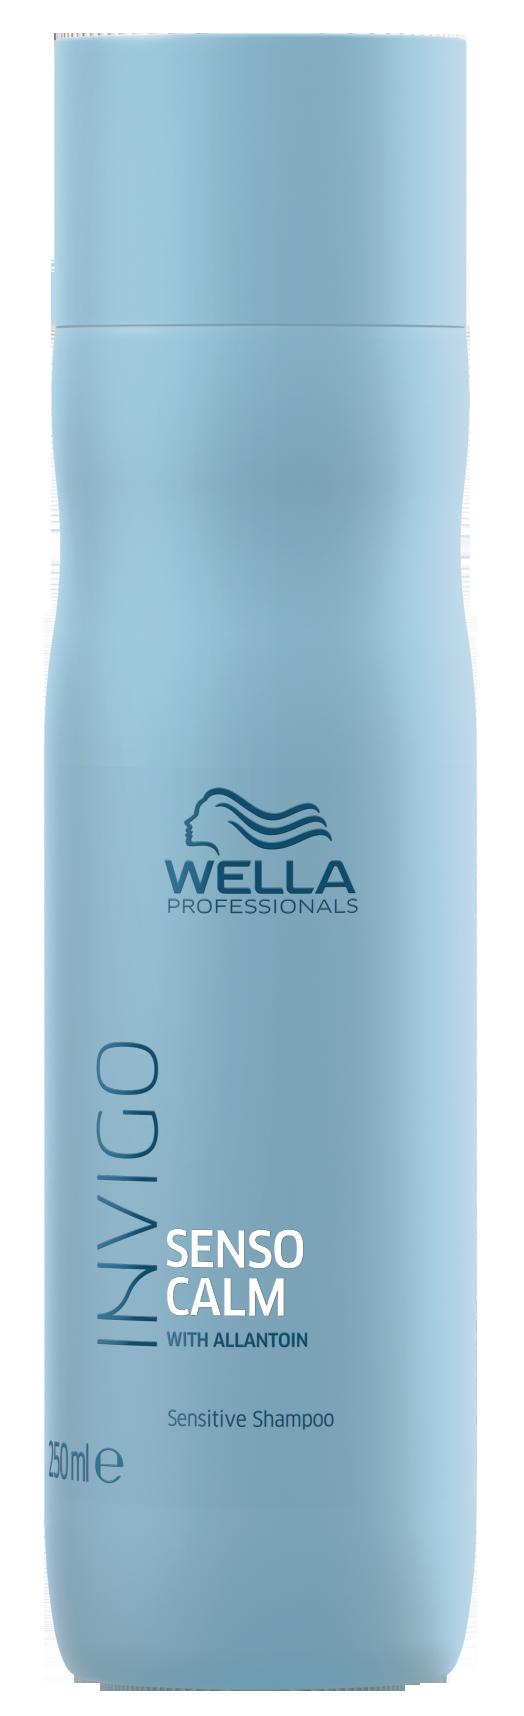 WELLA PROFESSIONALS Шампунь для чувствительной кожи головы / Balance 250 мл.